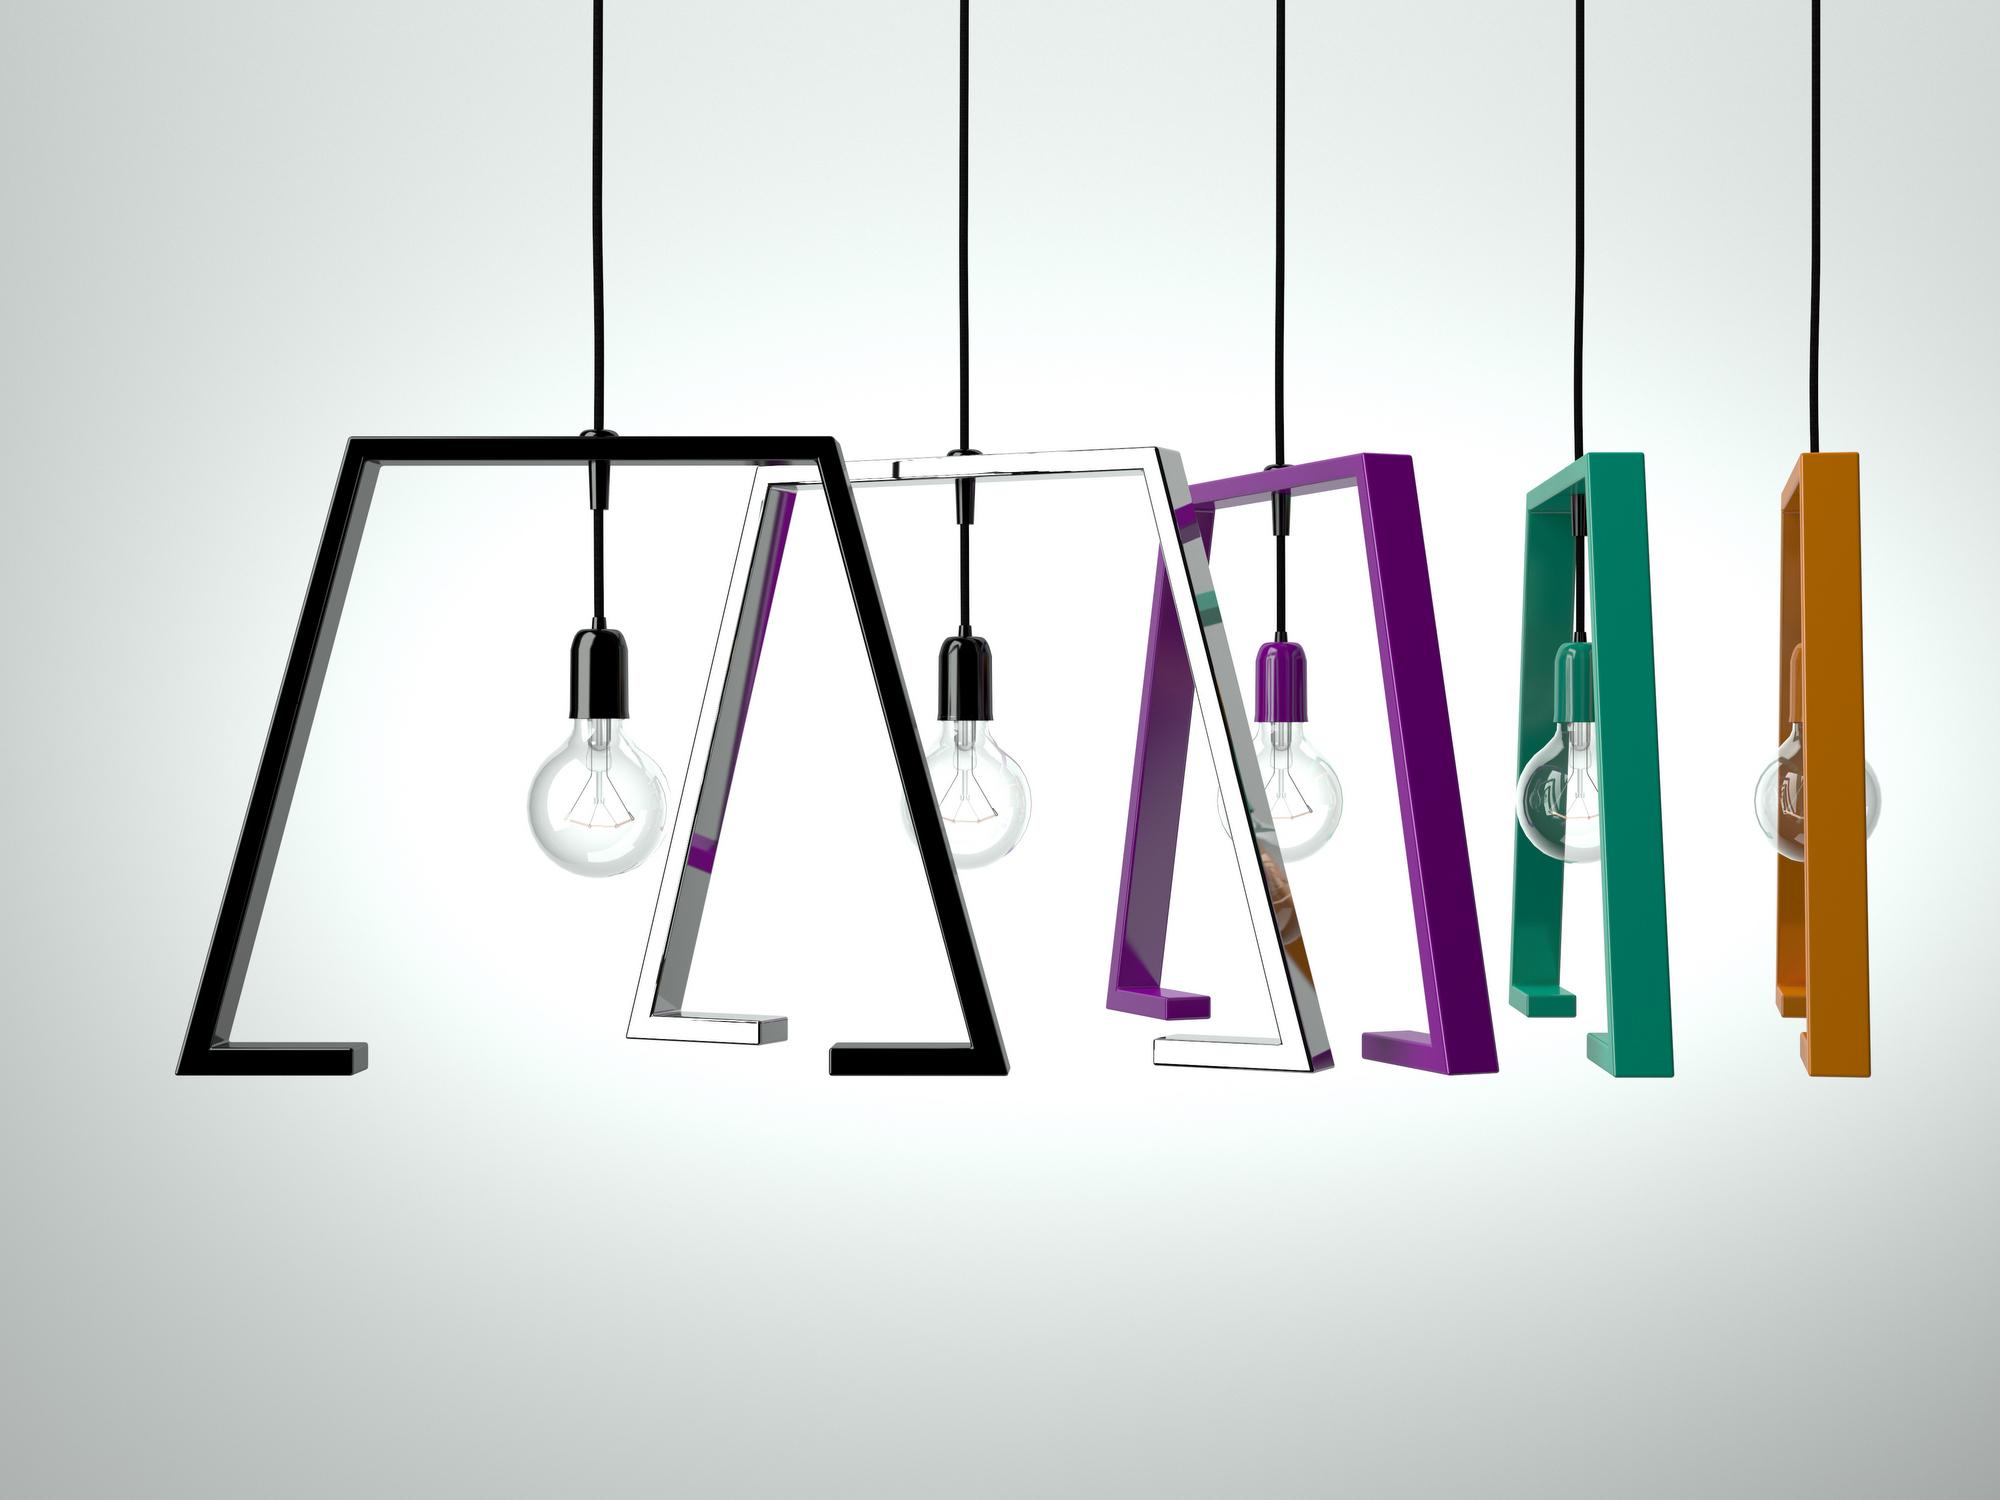 Lampada a sospensione in metallo verniciato BERLINER 1 Altinox Minimal Design